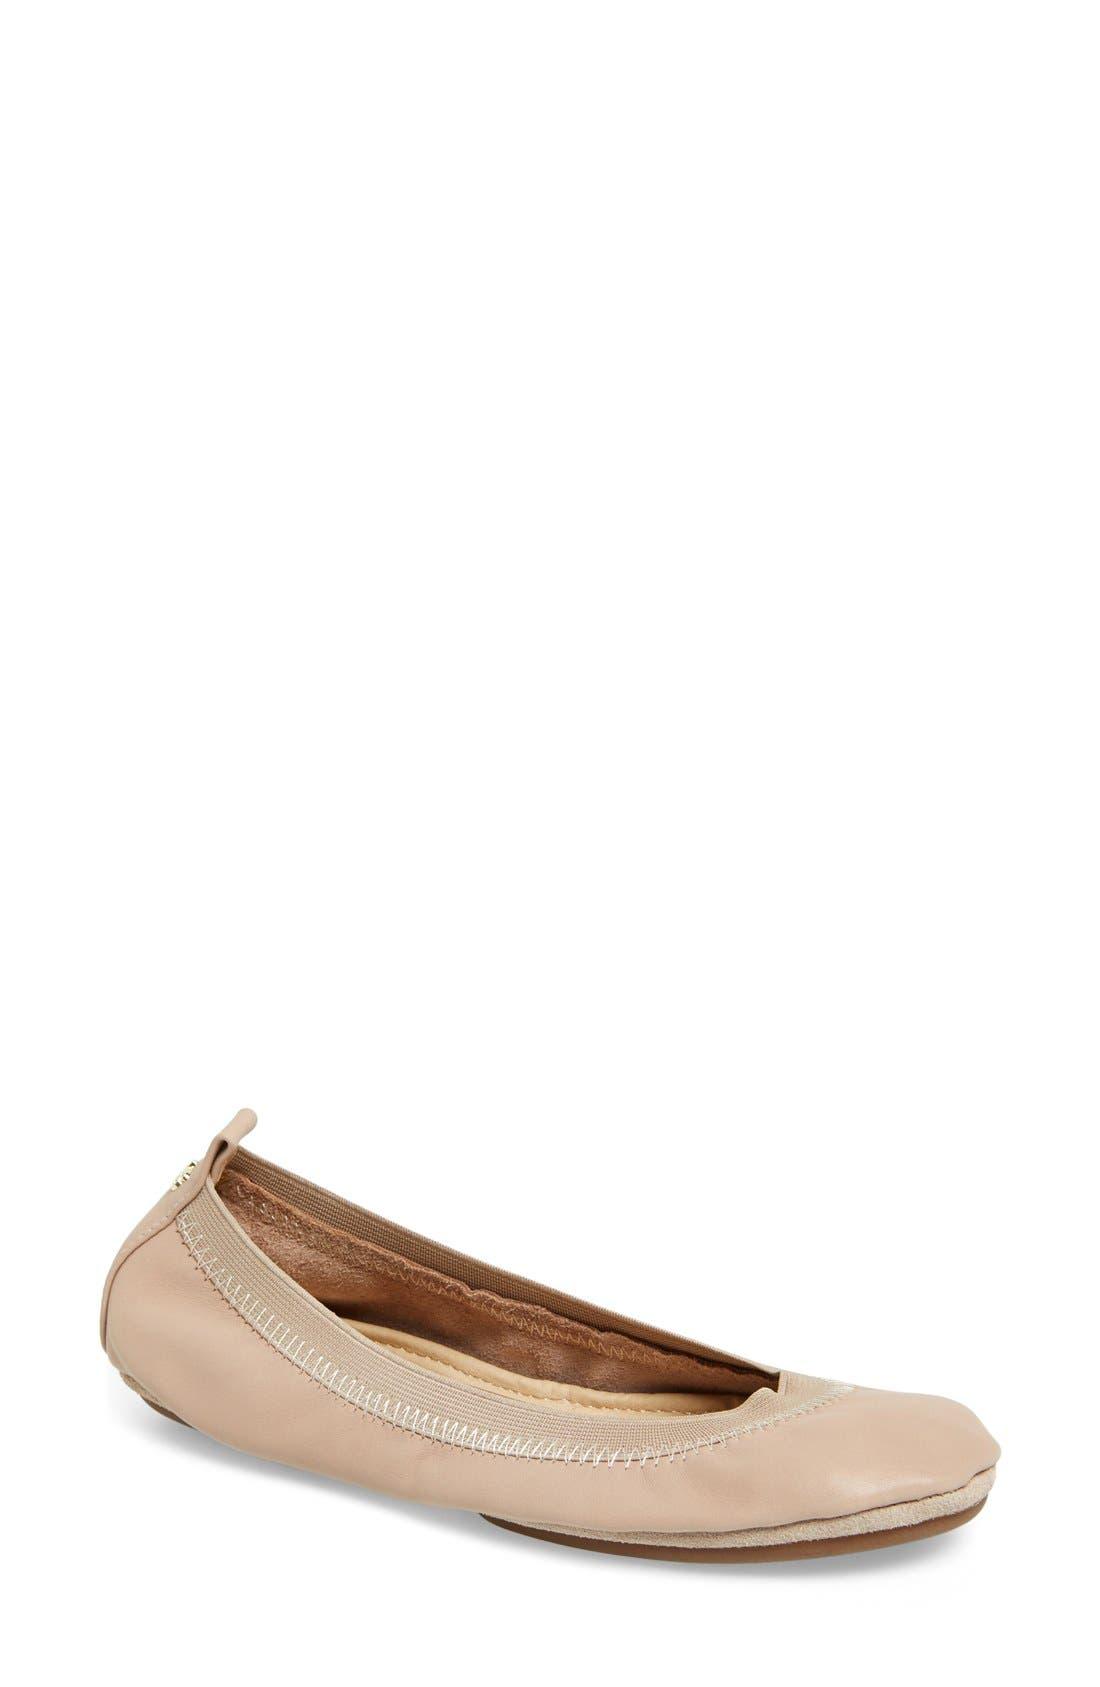 Alternate Image 1 Selected - Yosi Samra 'Samara' Foldable Ballet Flat (Women)